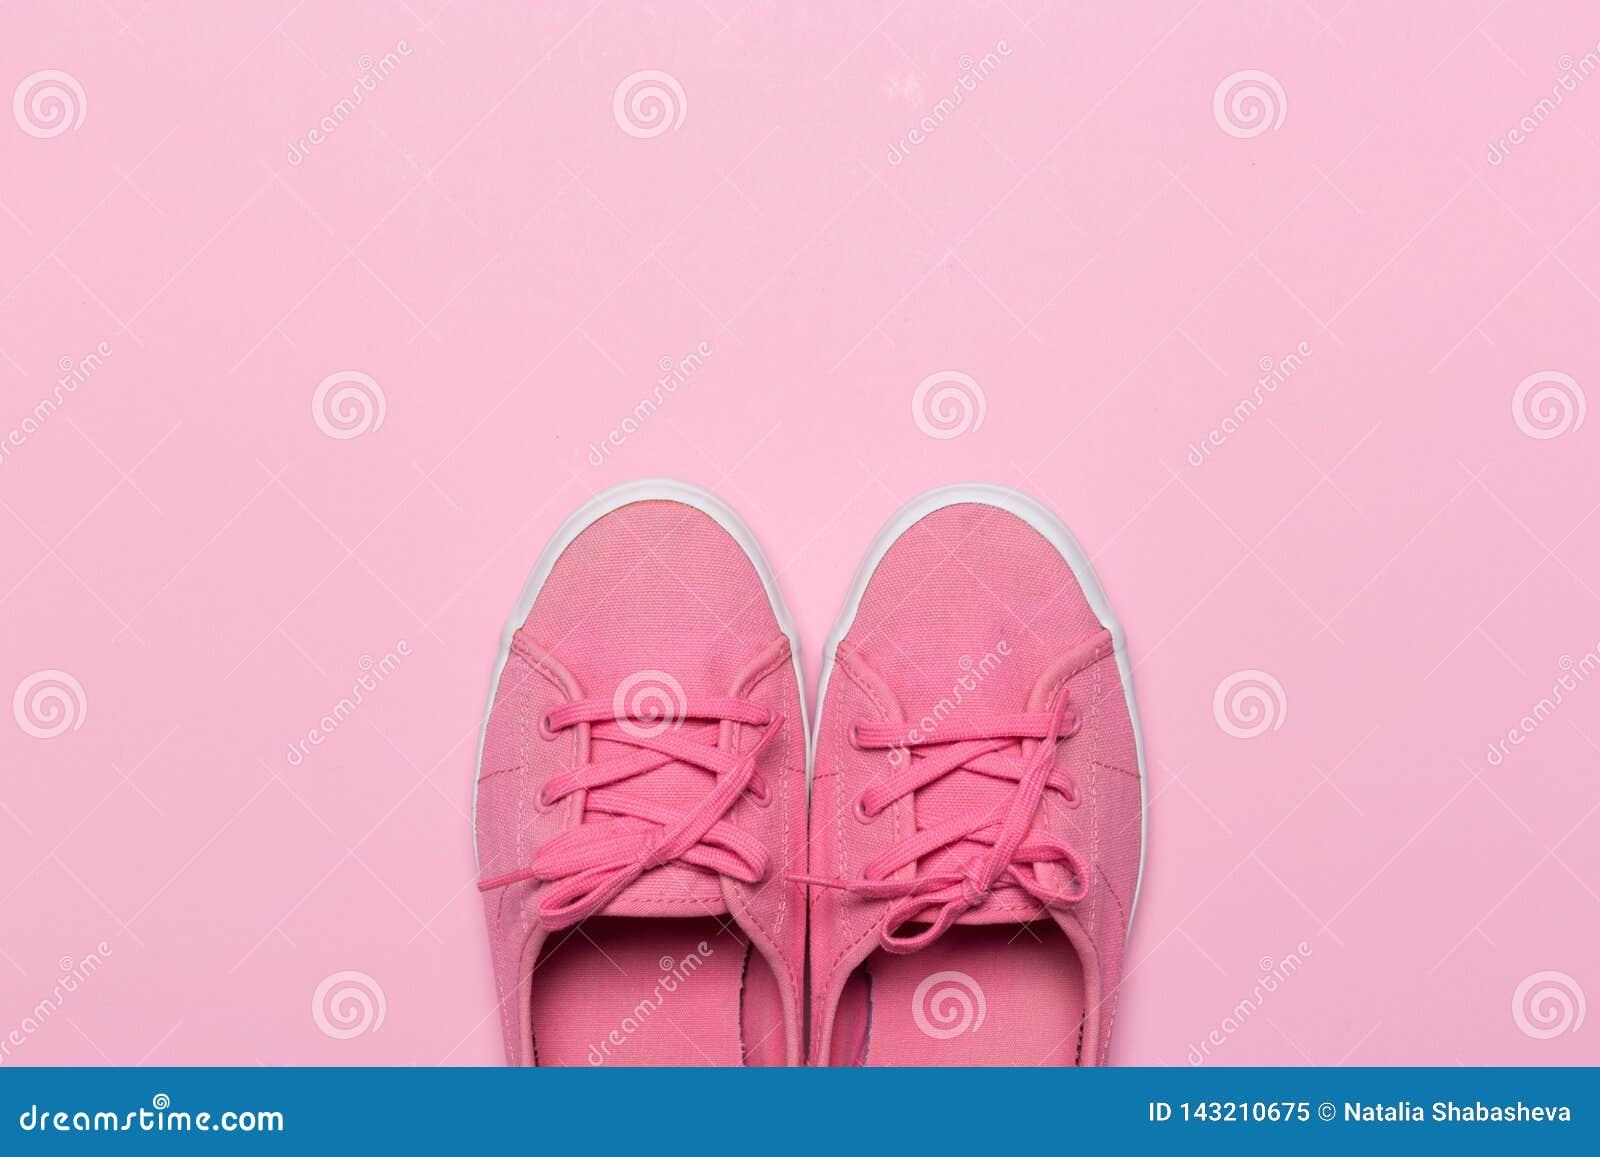 Sapatas cor-de-rosa em um fundo pastel Vista superior